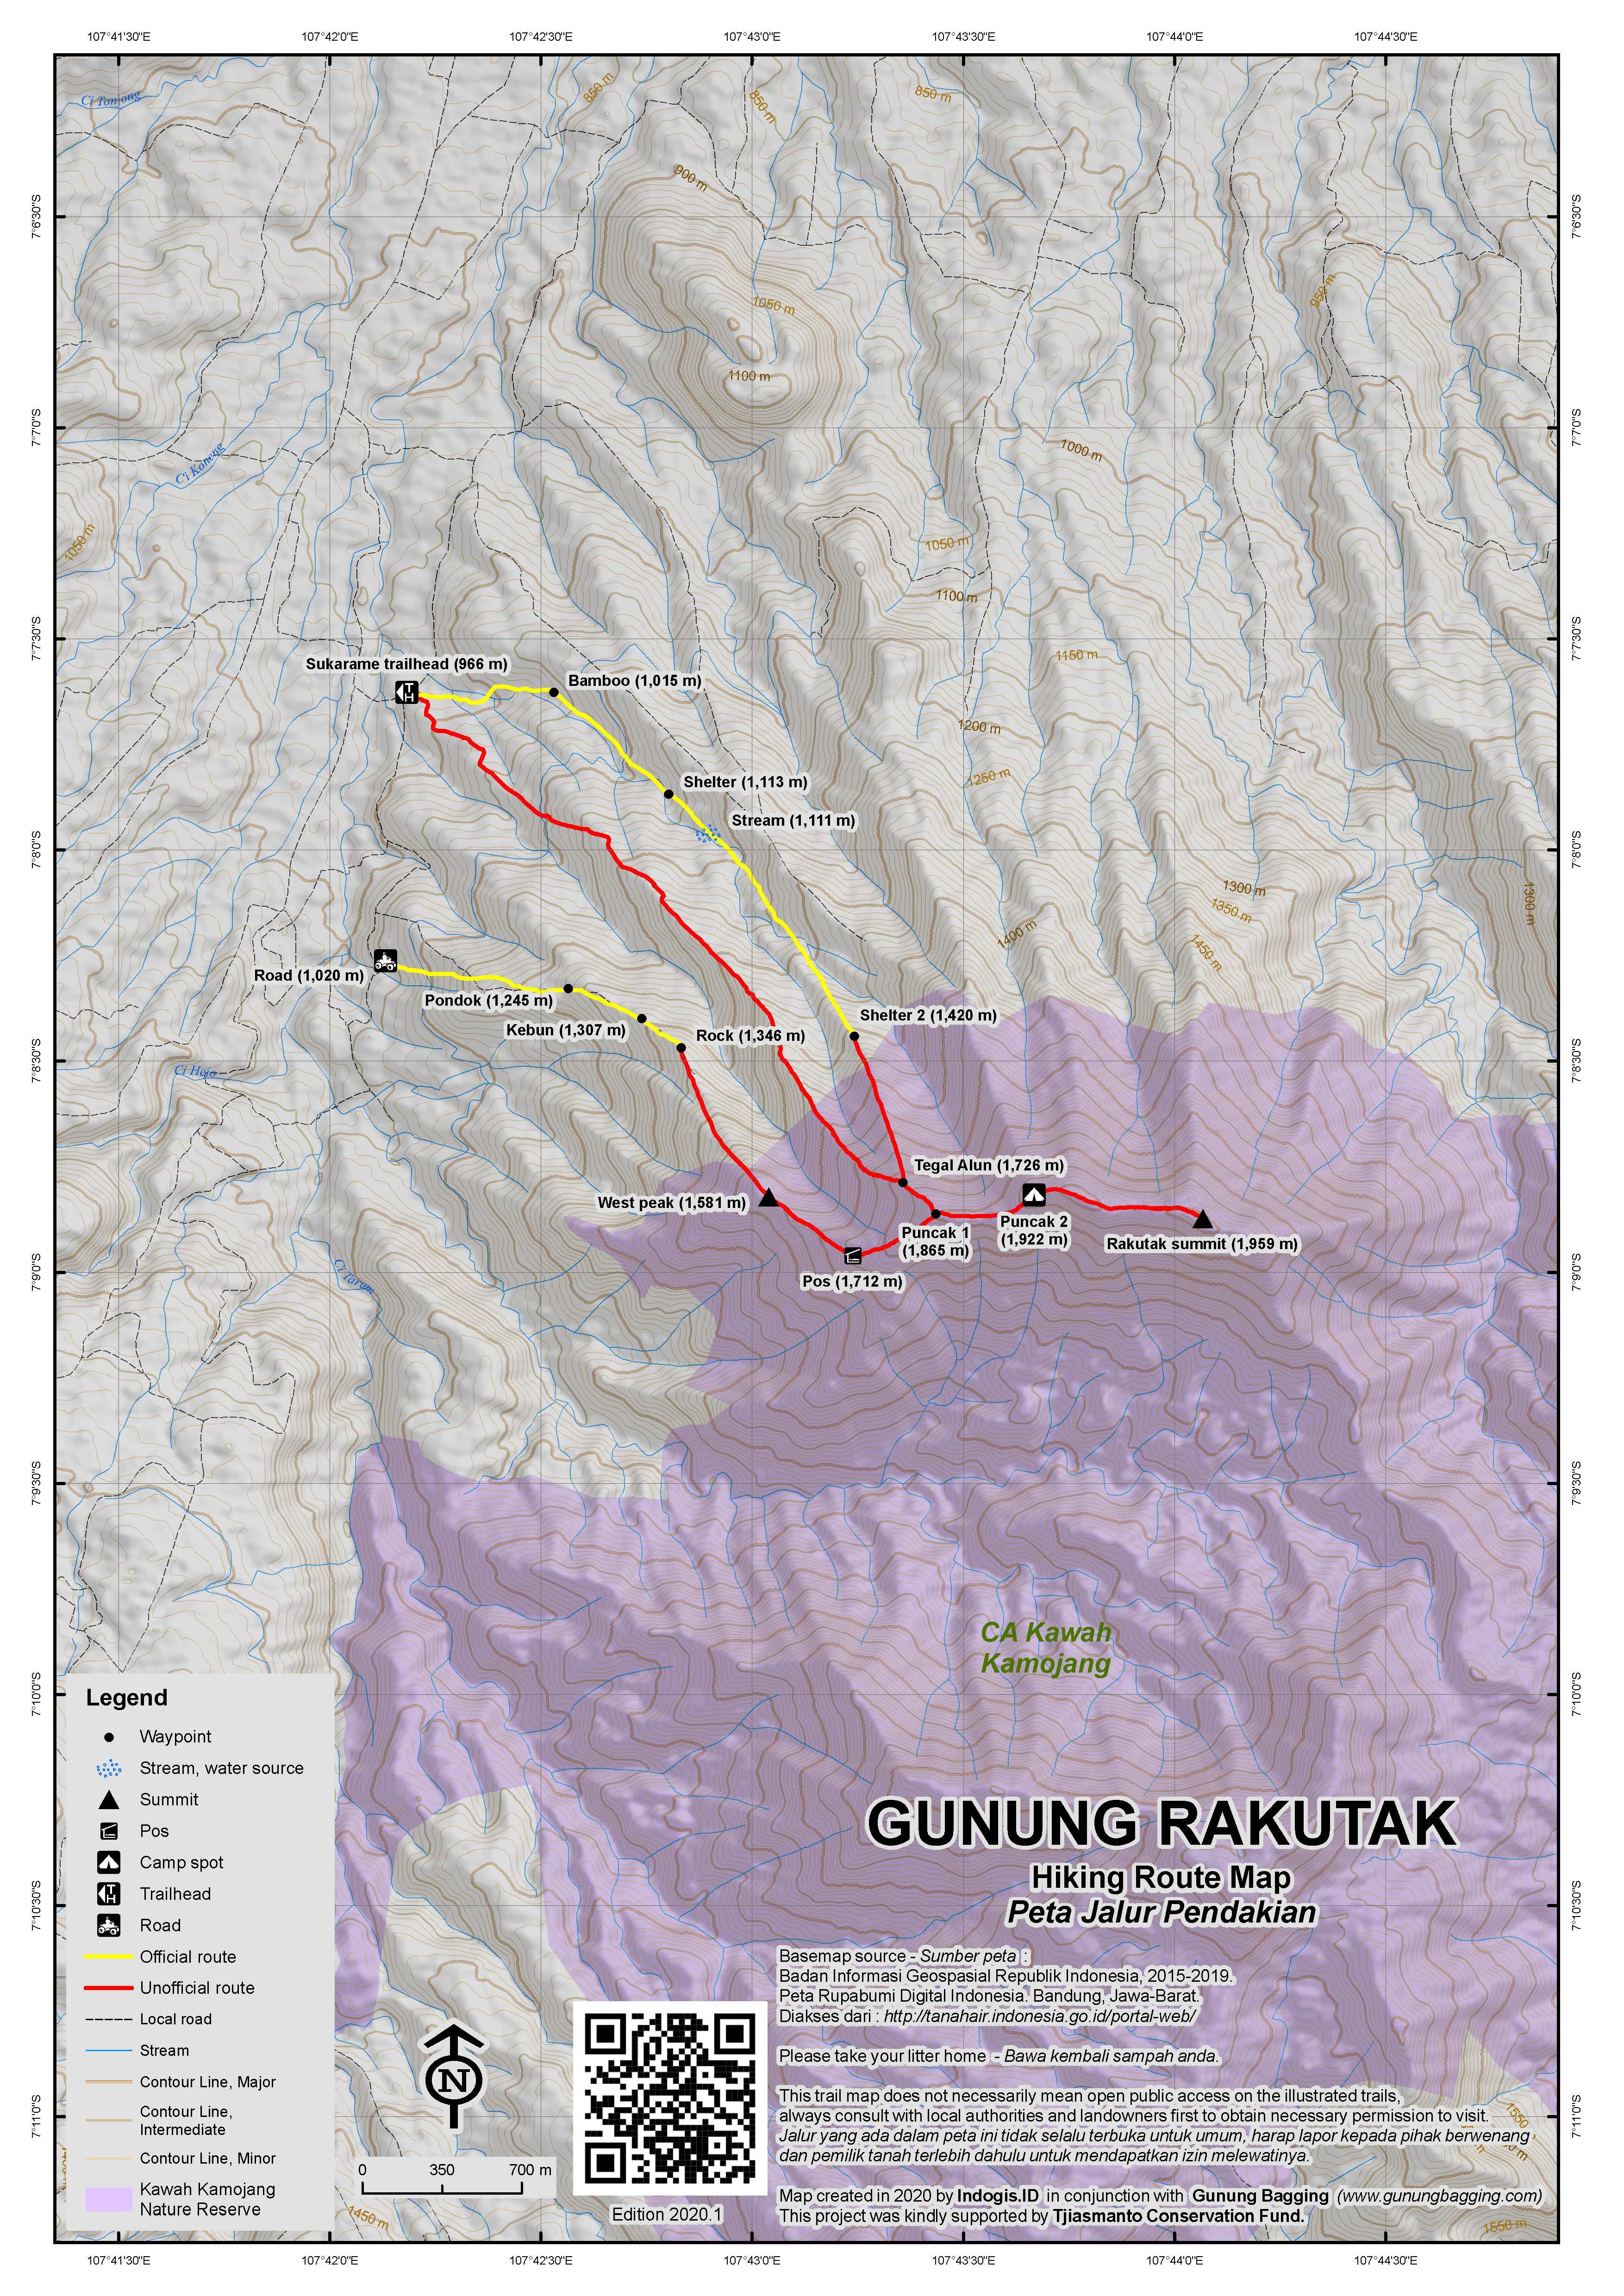 Peta Jalur Pendakian Gunung Rakutak